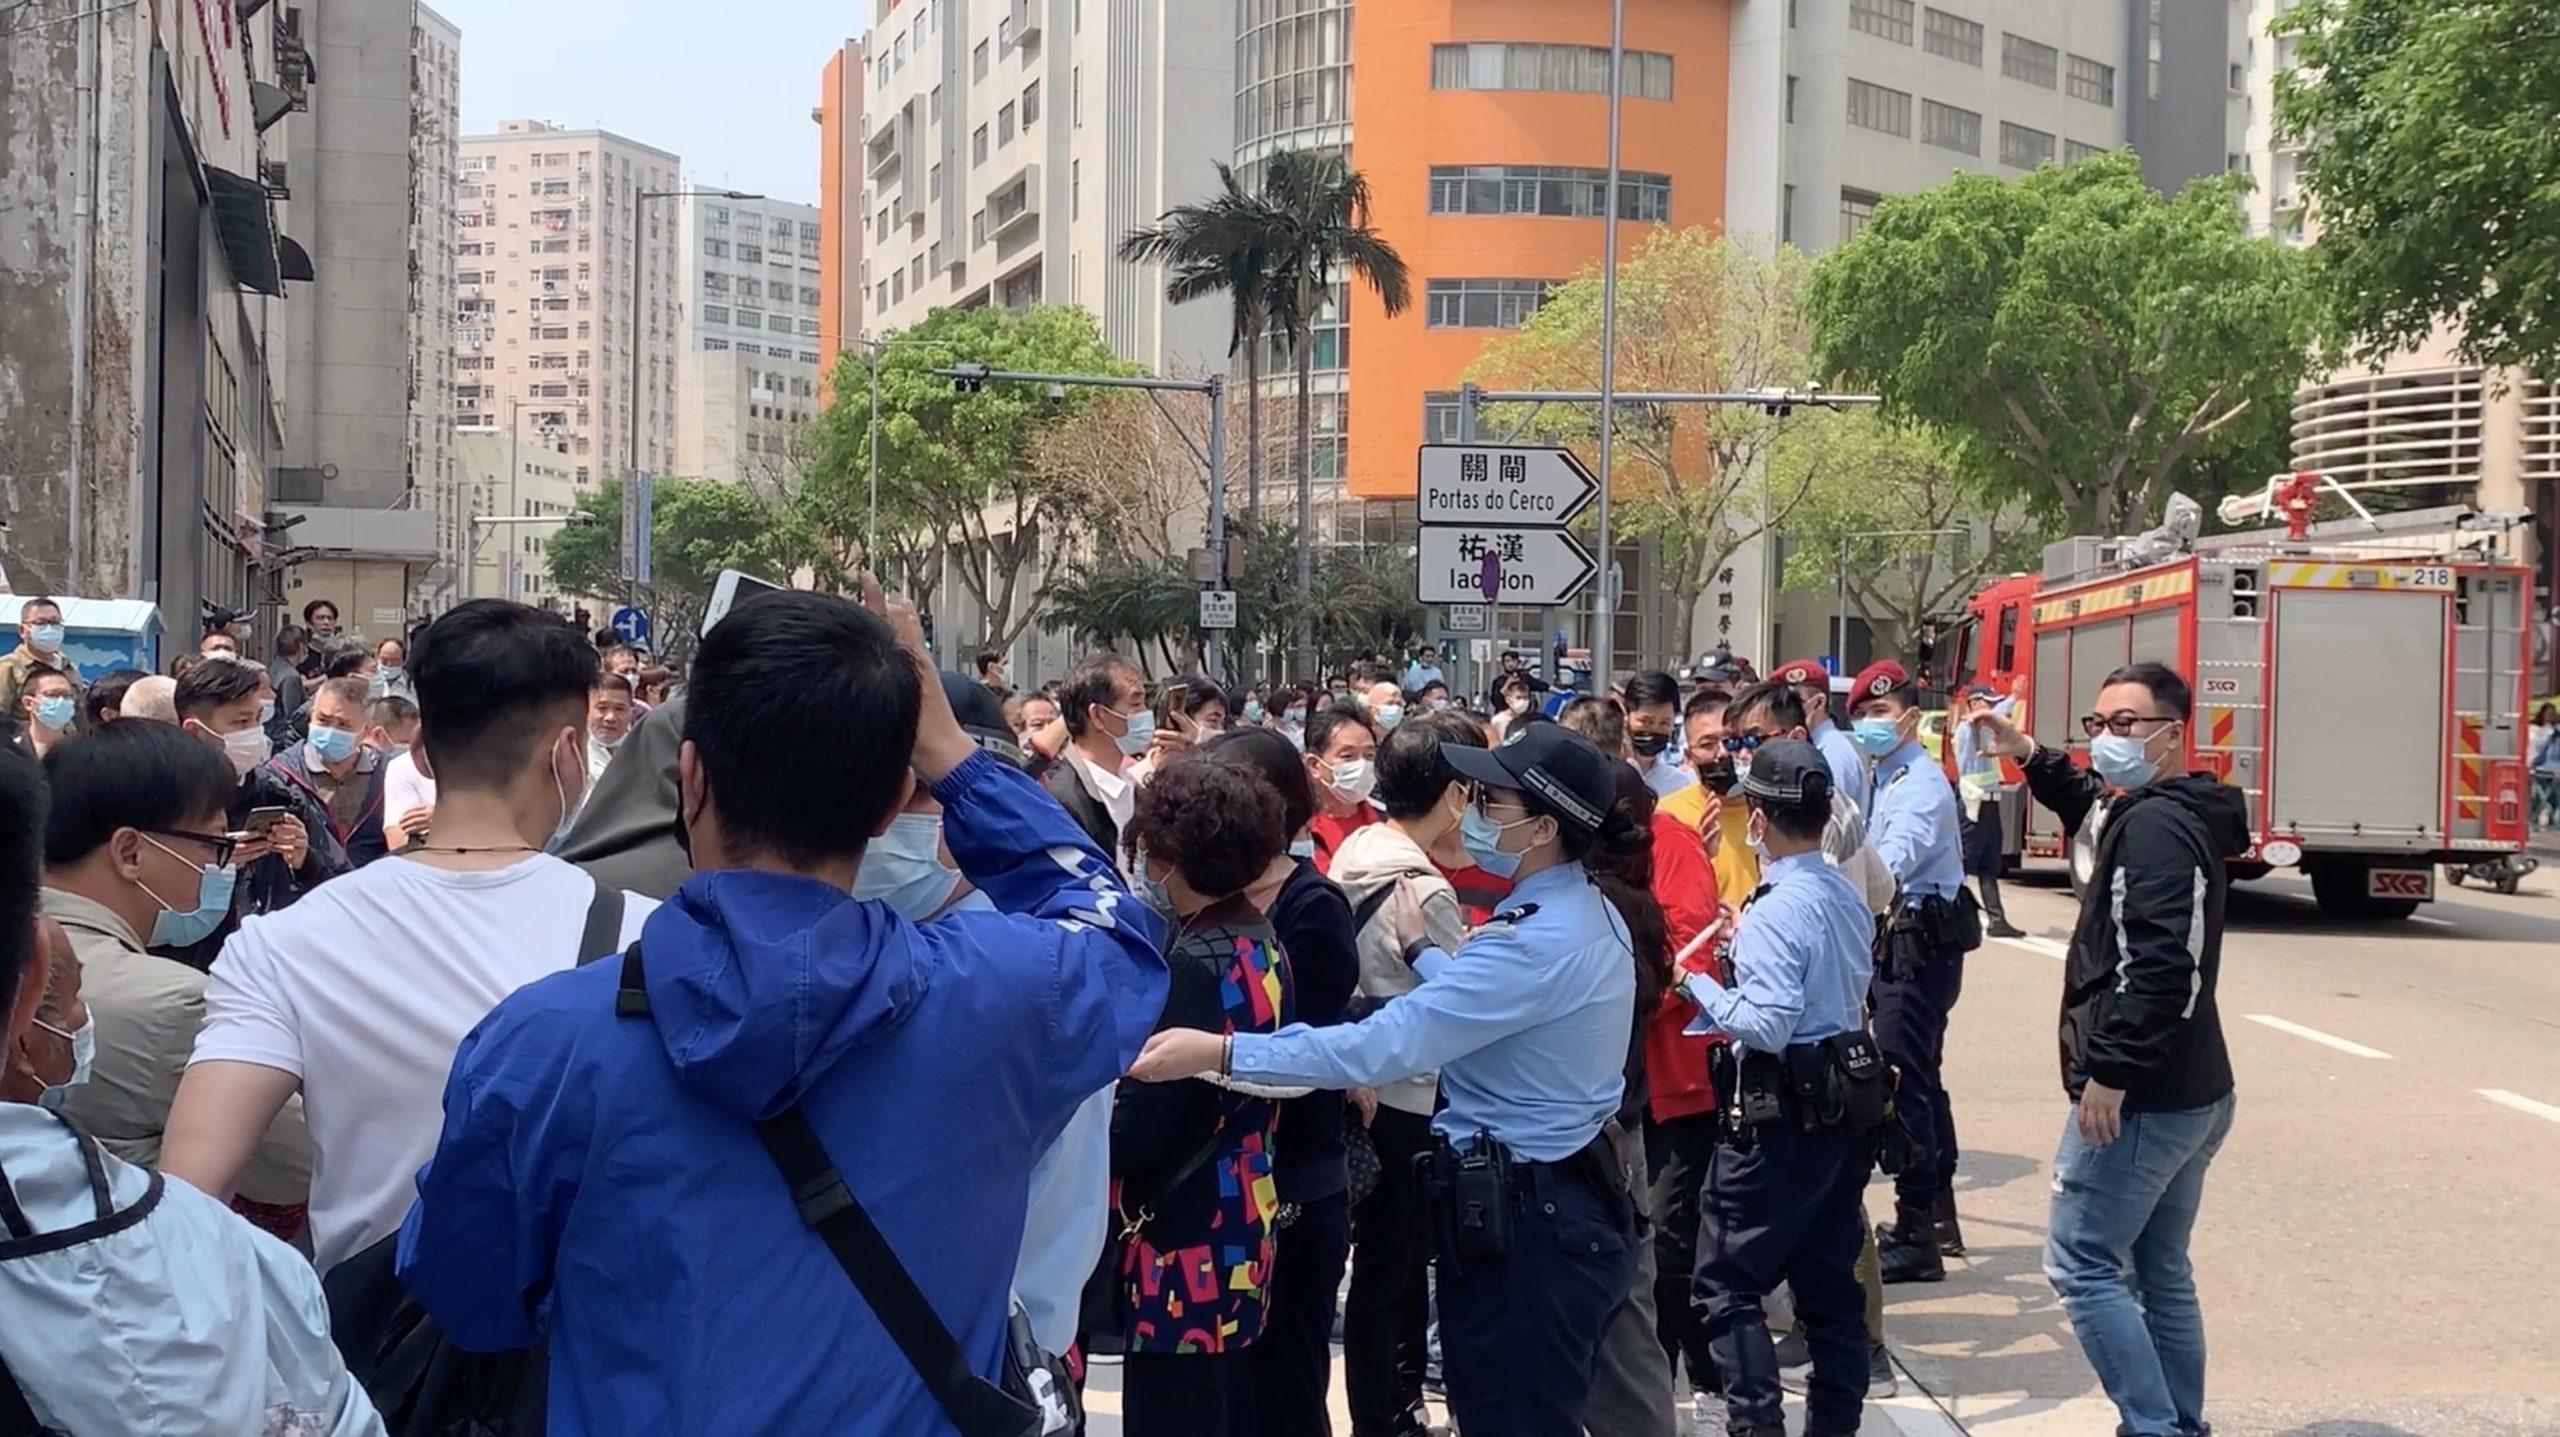 Reunião na DSAL acaba em manifestação e corte de via pública